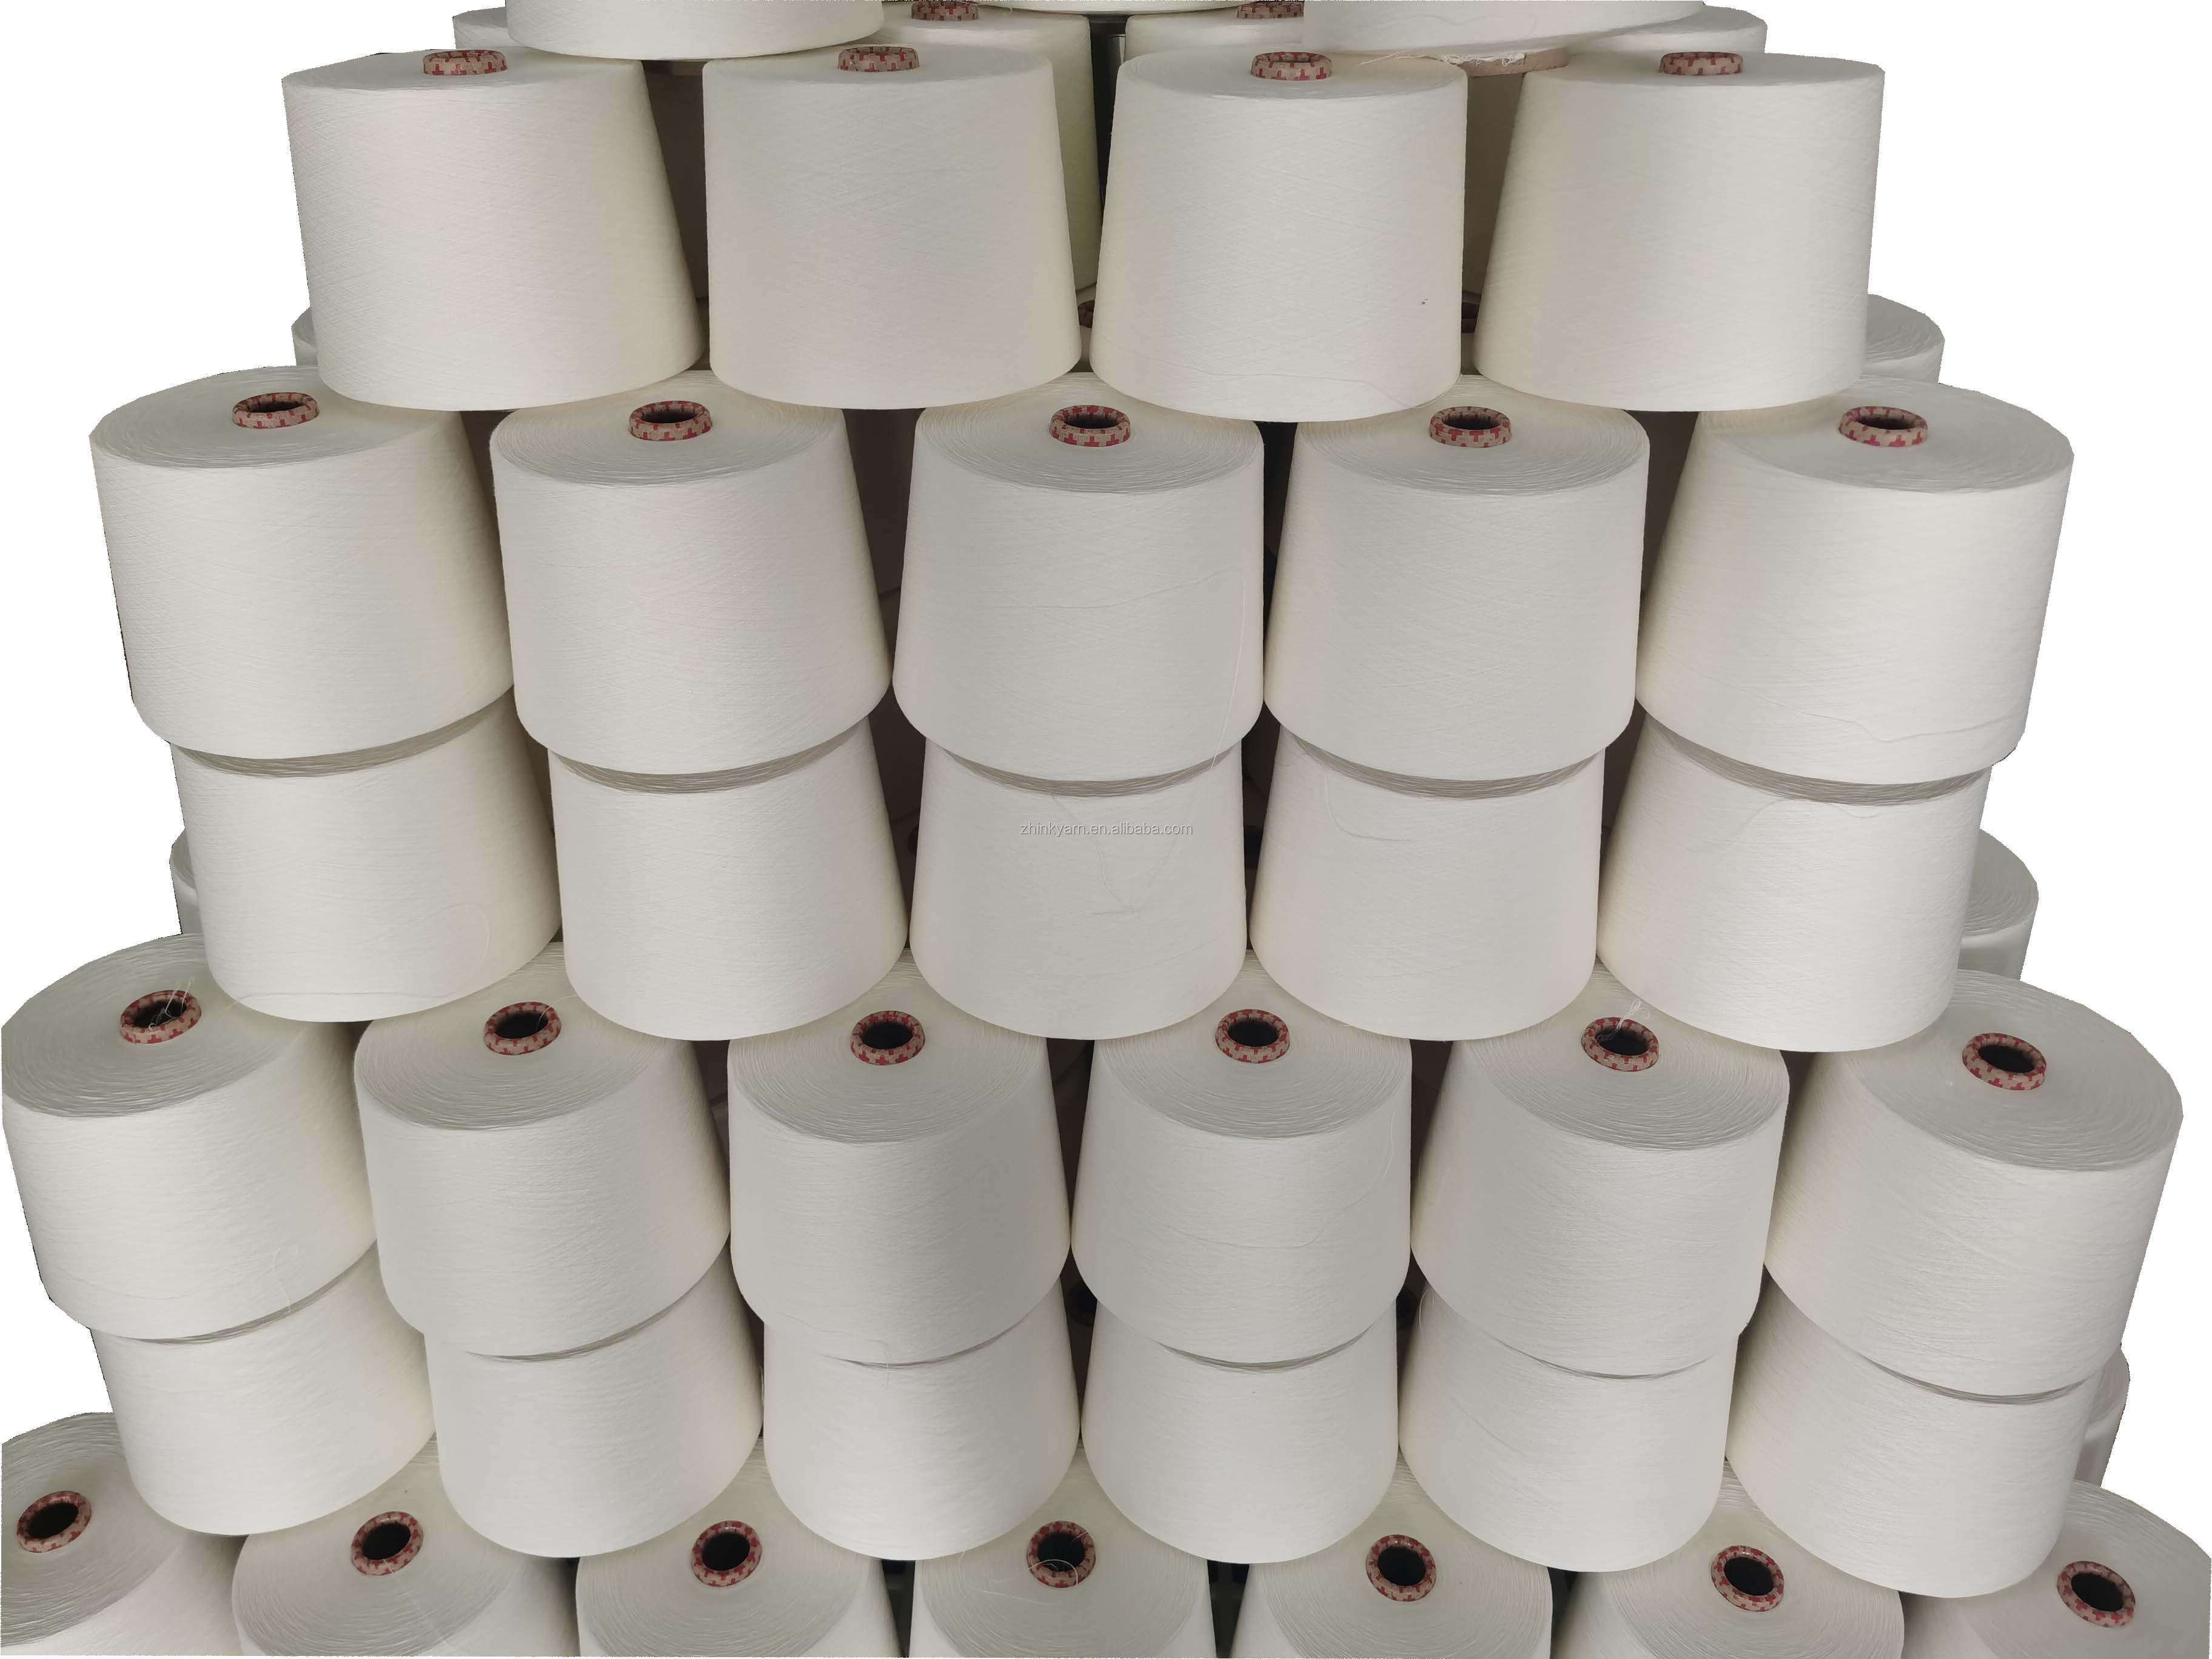 Modal yarn 100% Lenzing Fine Modal(0.9D) Ne60/1 compact siro spun yarn